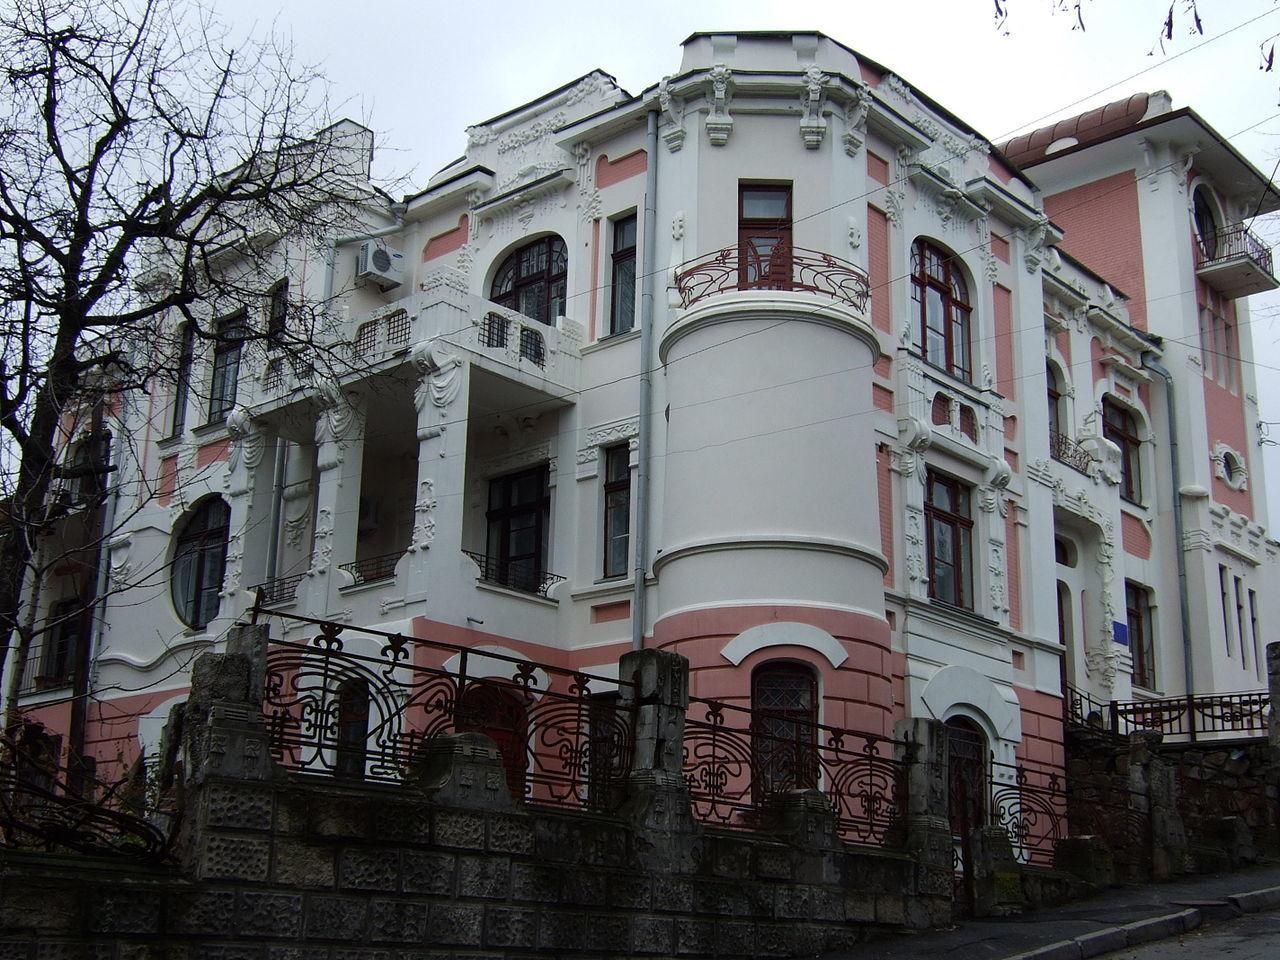 виннни особняк четкова 280px-Pushkin_street_Vinnytsya_new.jpg